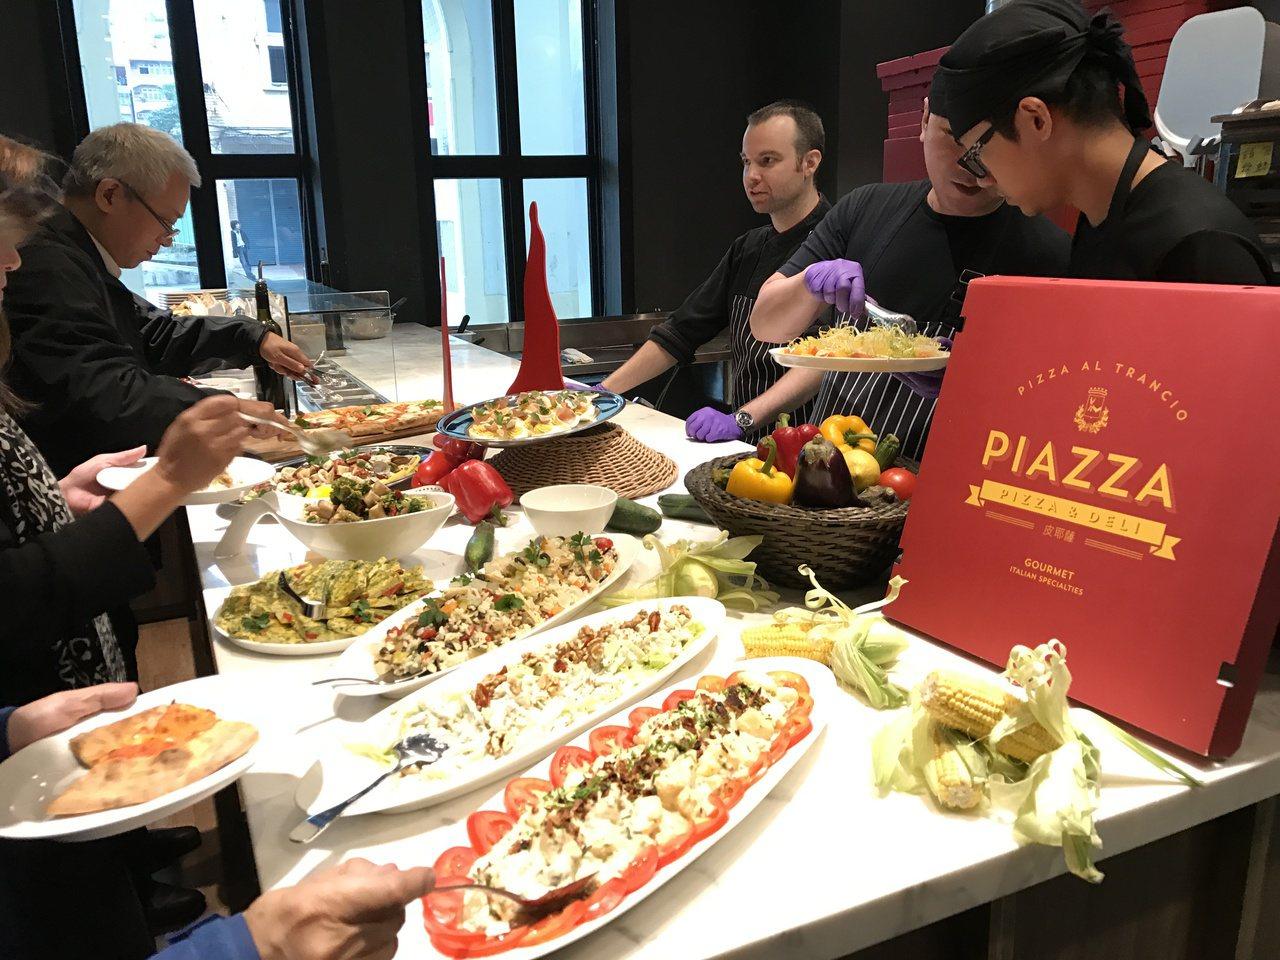 Buffet有沙拉甜點,義大利傳統窯烤pizza吃到飽。記者吳淑君/攝影